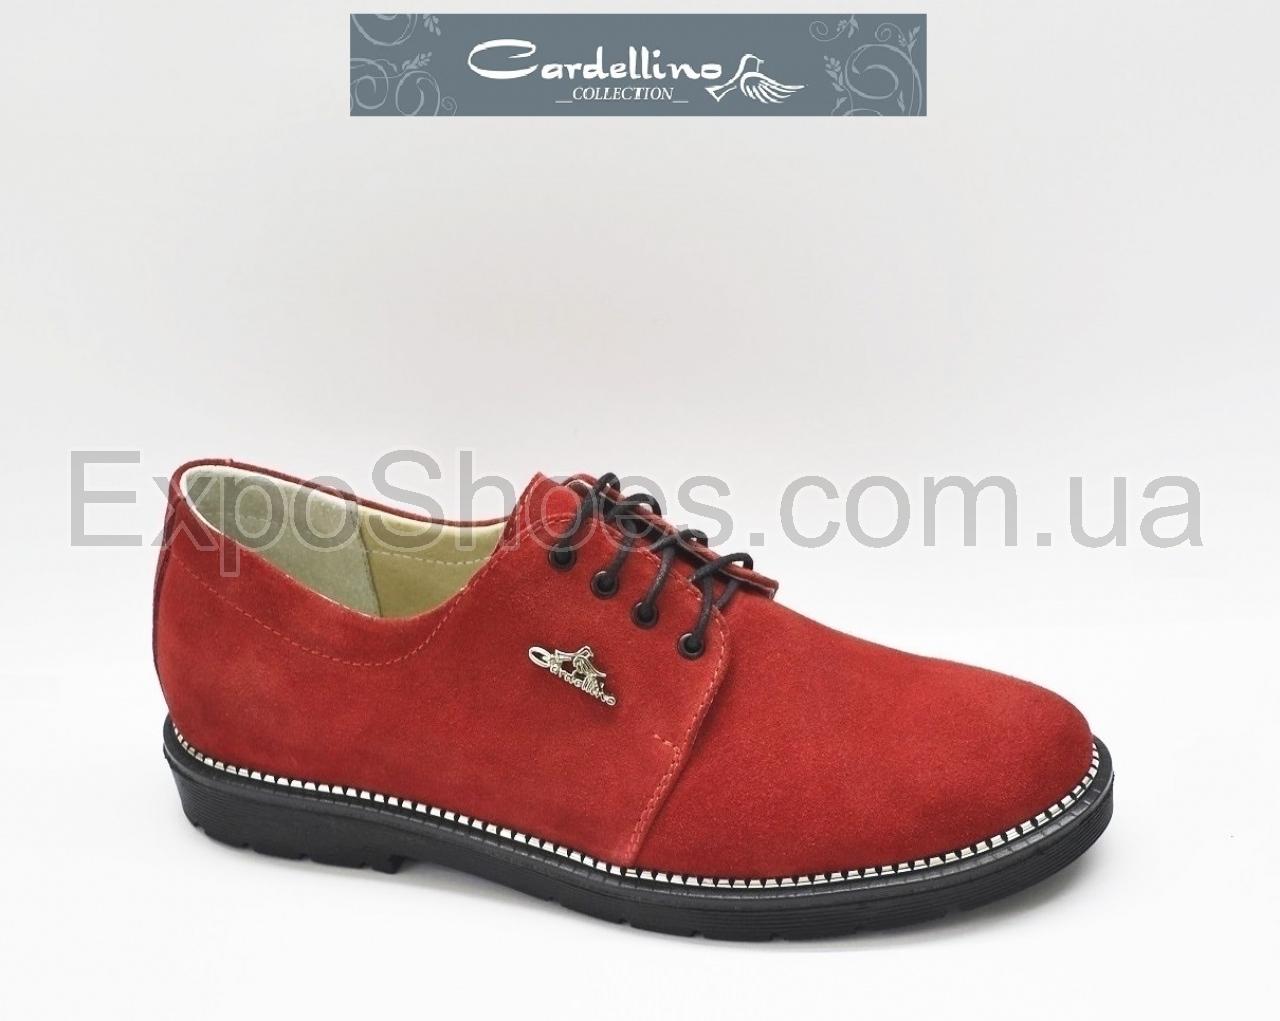 fb6284c4e7df Все новости портала обуви ExpoShoes.com.ua находятся у нас здесь ...